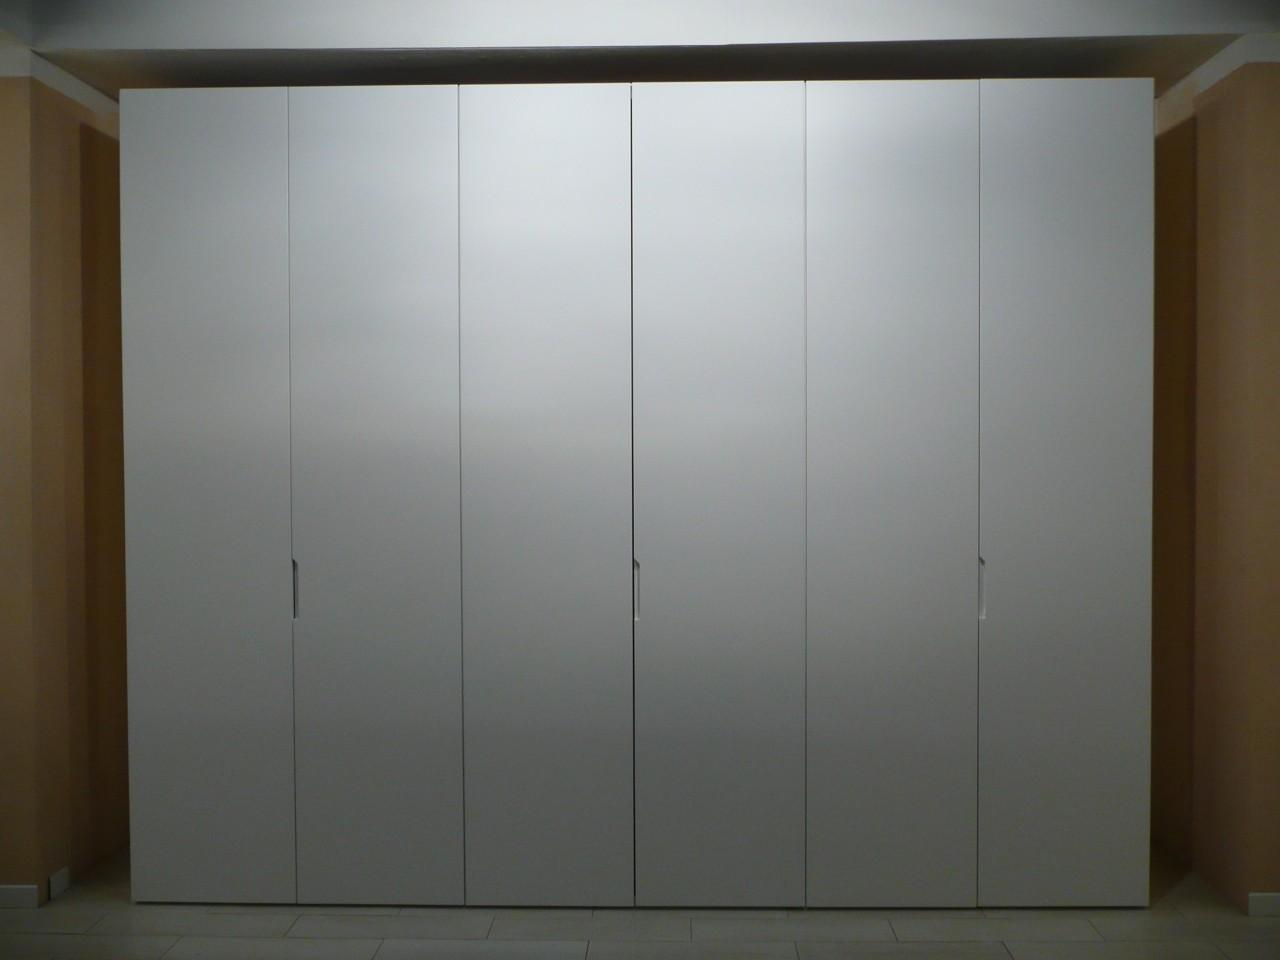 Armadio 4 Porte Laccato Bianco Opaco Casa, Arredamento E Bricolage Armadi